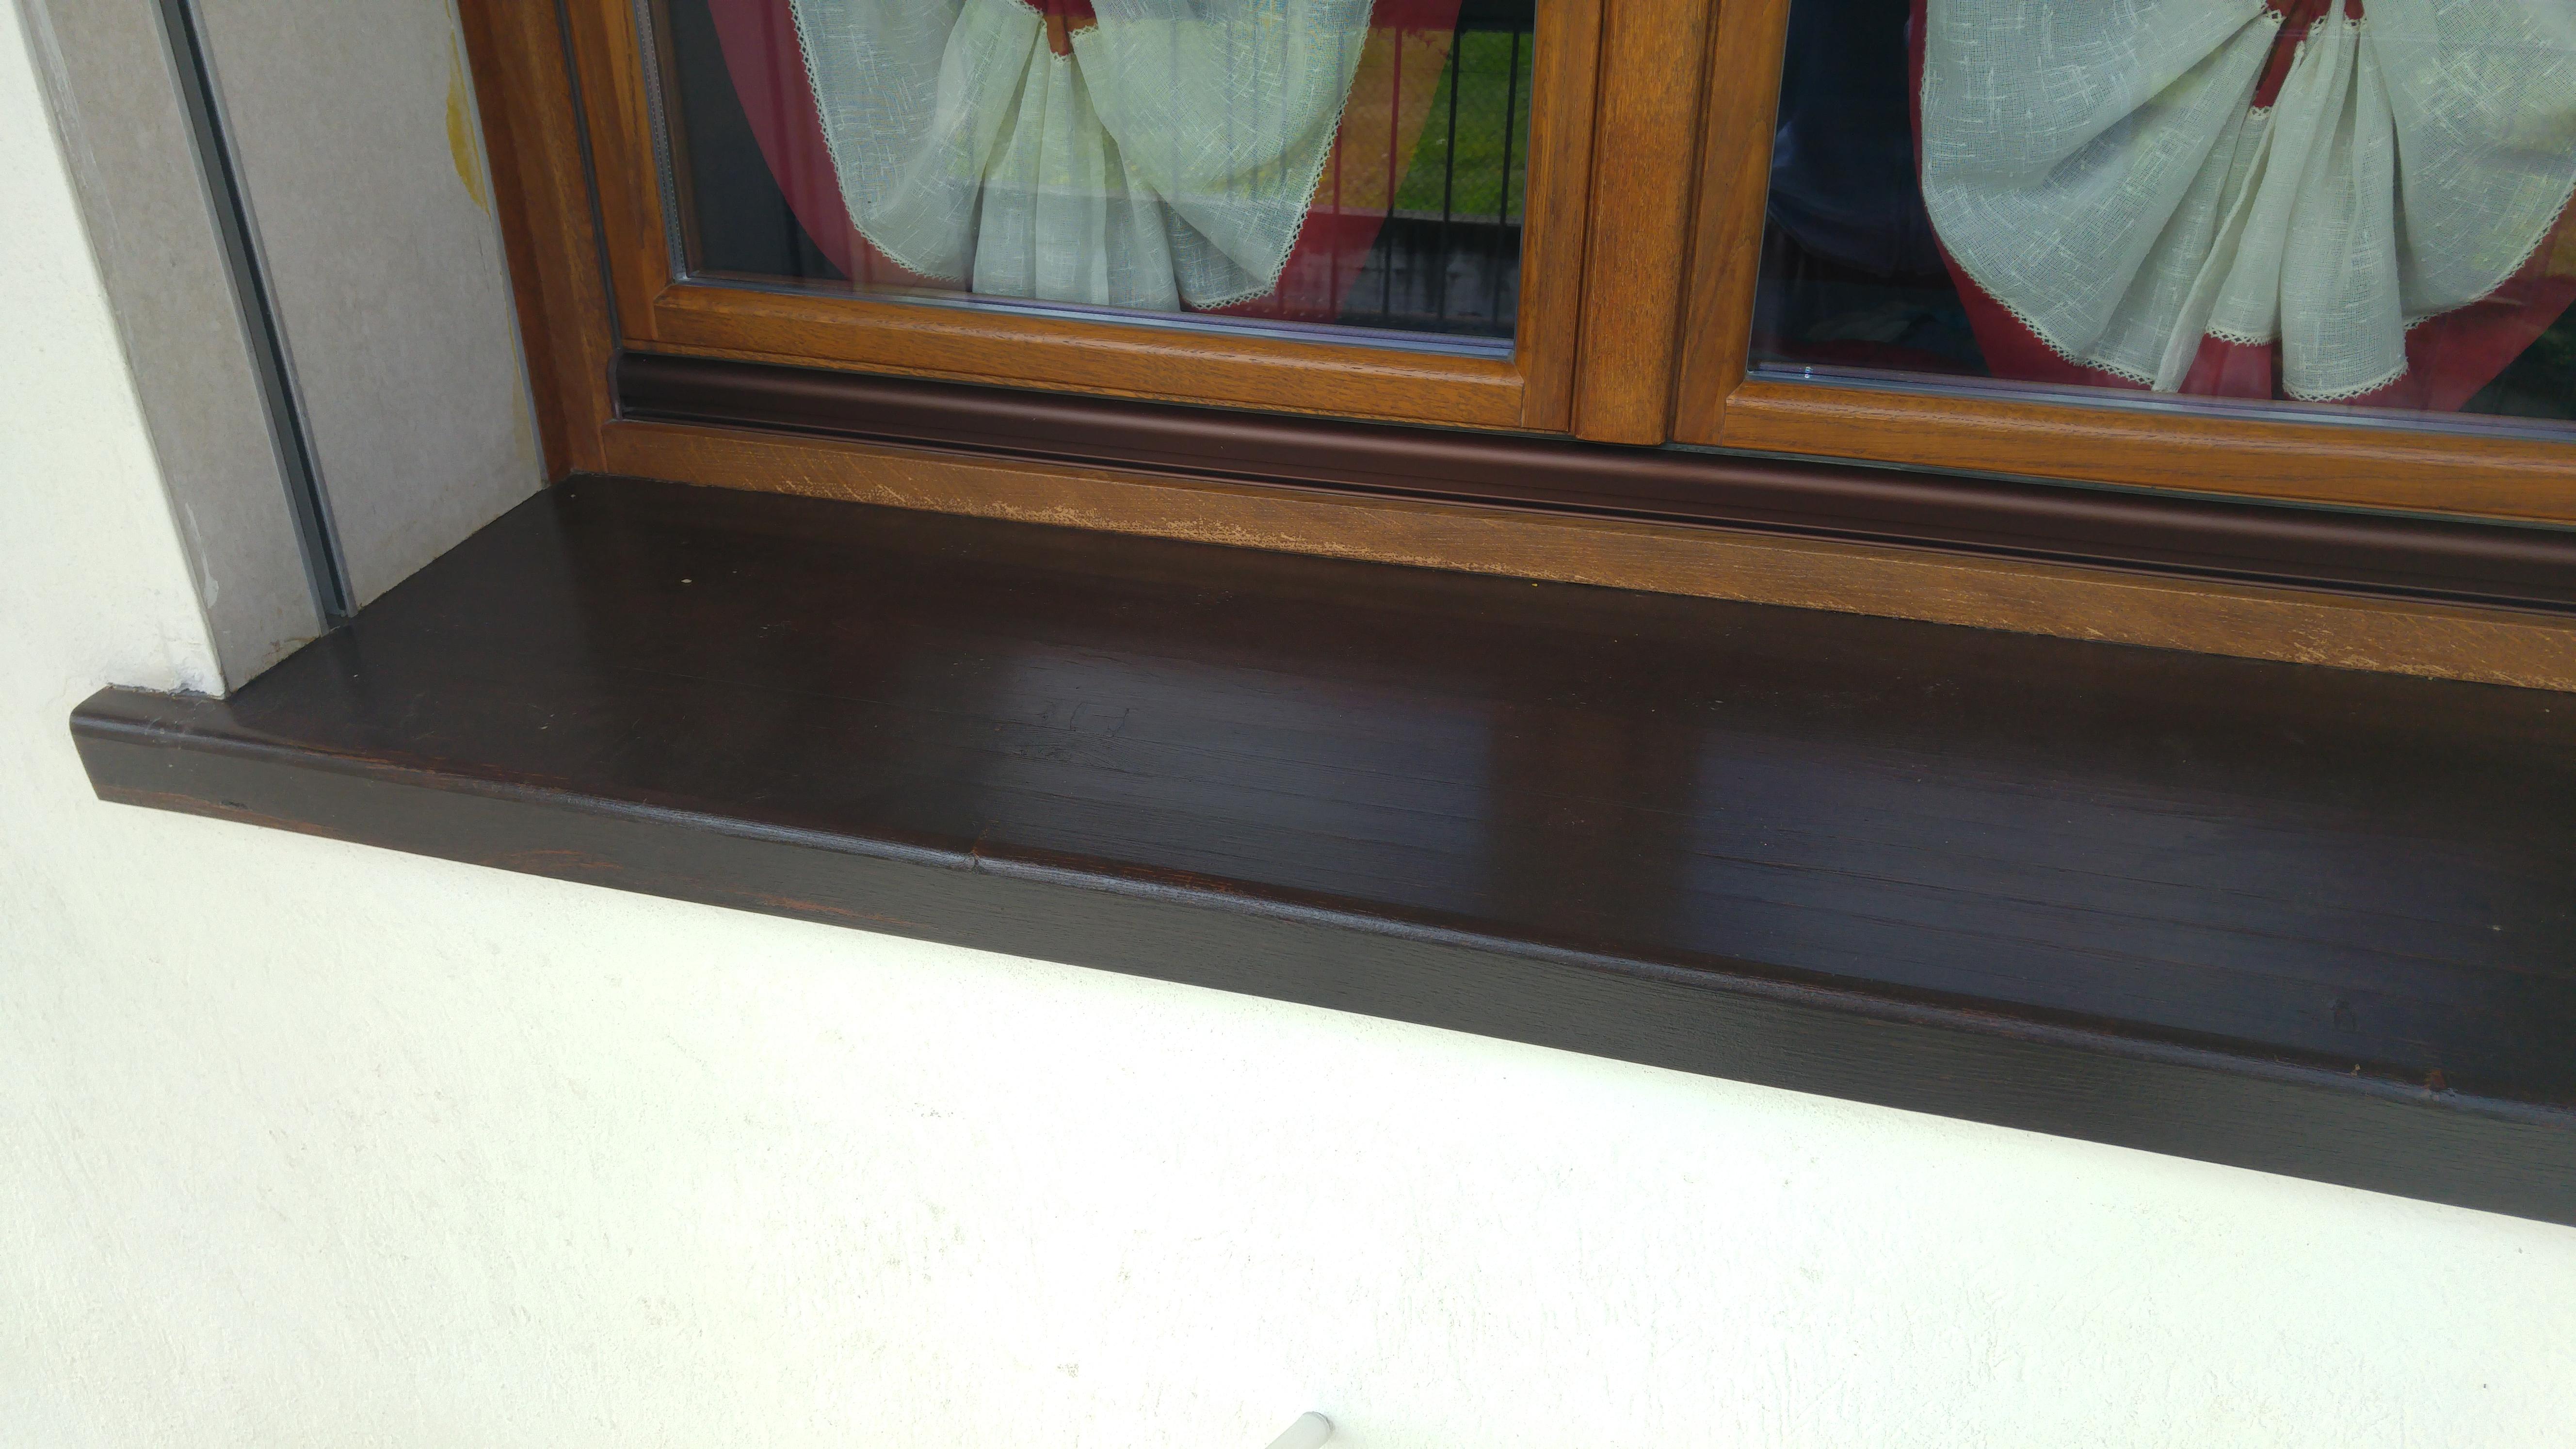 Davanzale Interno Della Finestra davanzali isolati, davanzali con taglio termico, soglie con